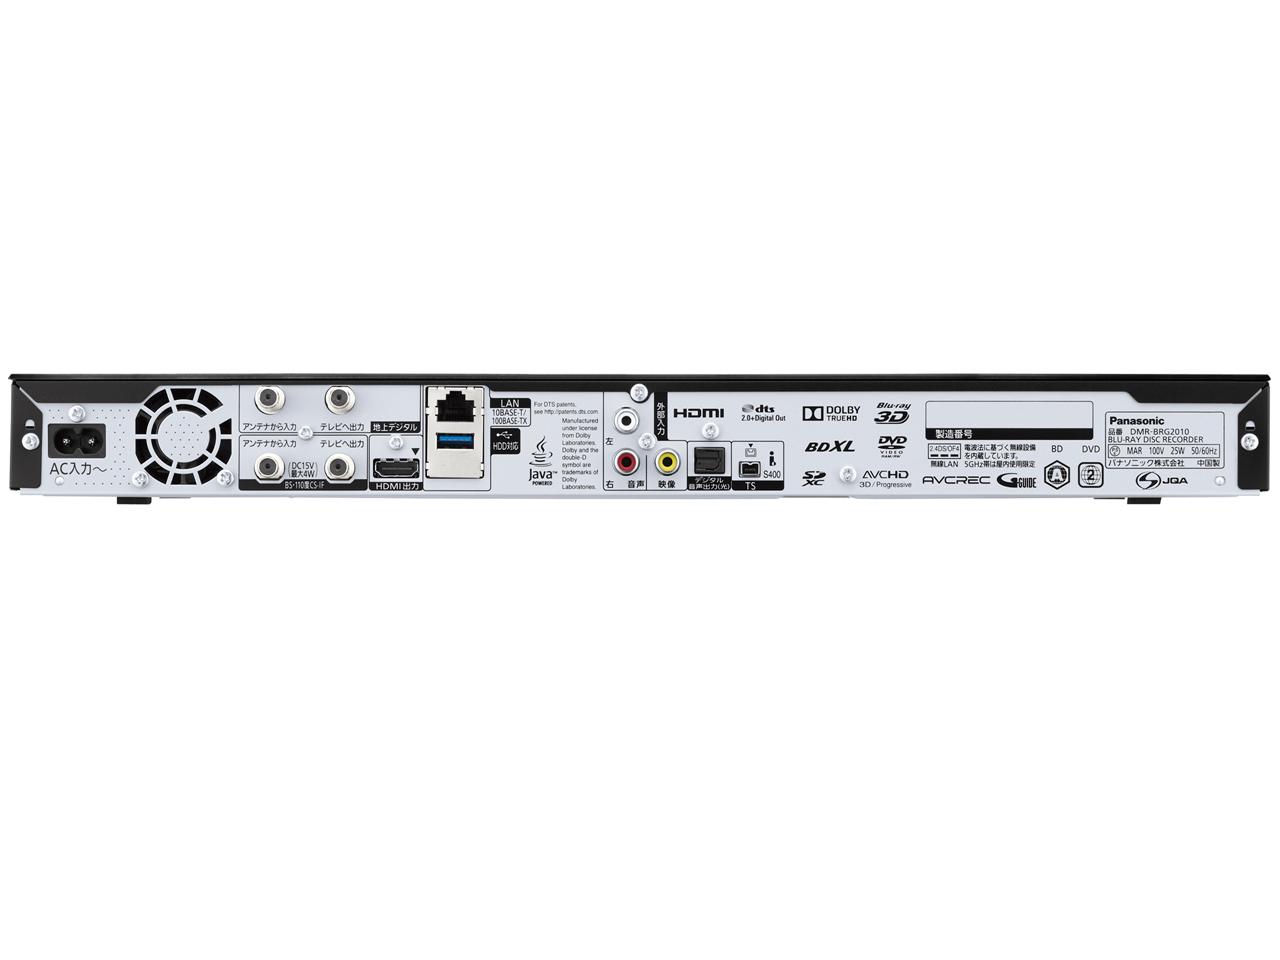 『リモコン』 ブルーレイディーガ DMR-BRG2010 の製品画像